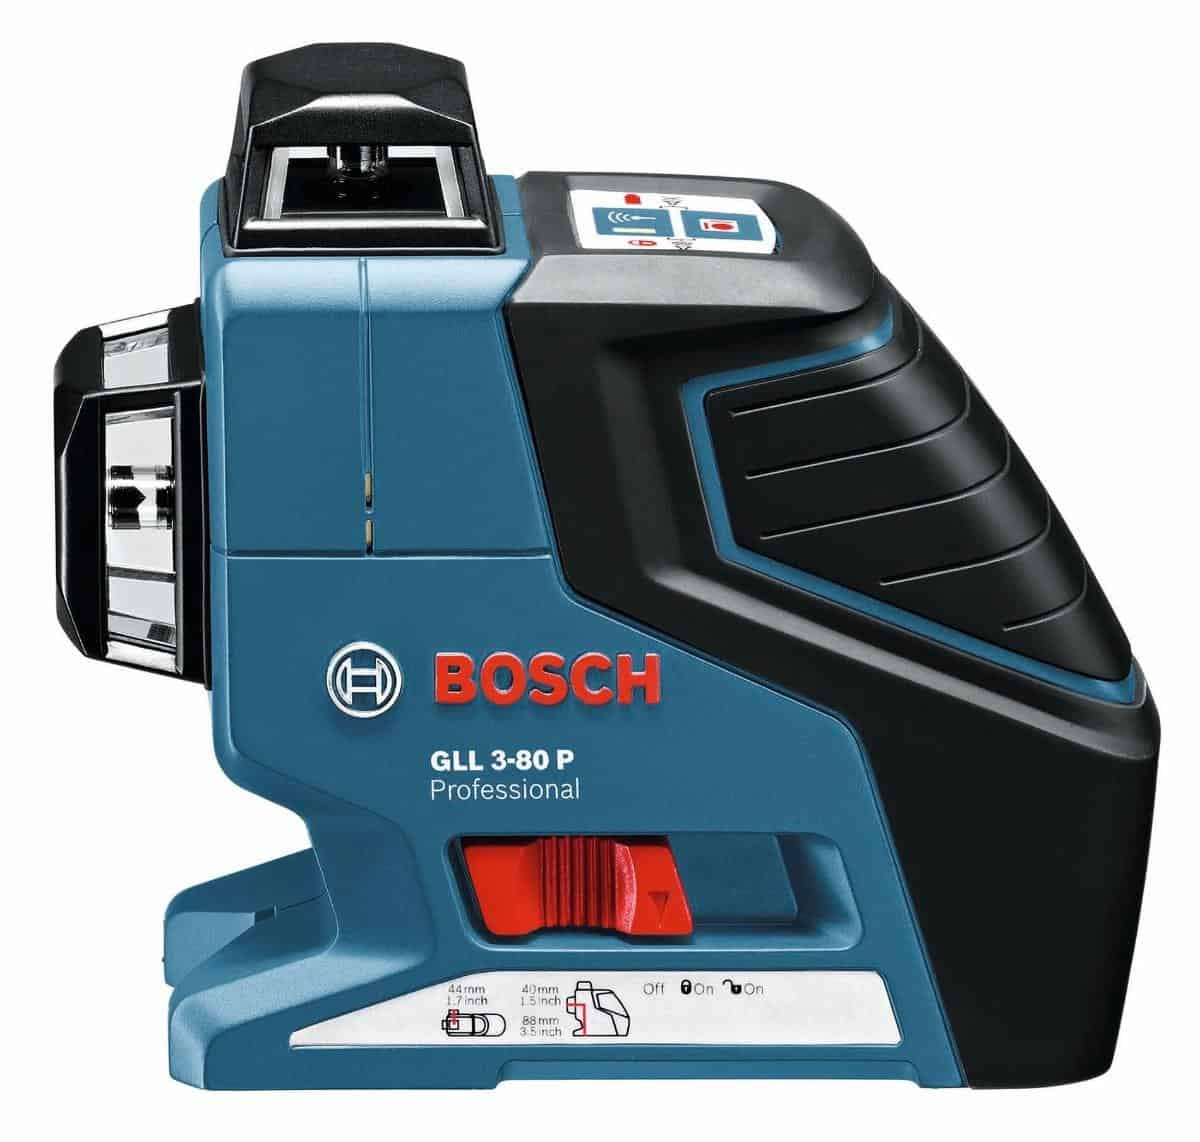 Nível laser de linhas GLL 3-80 Professional - Foto 1